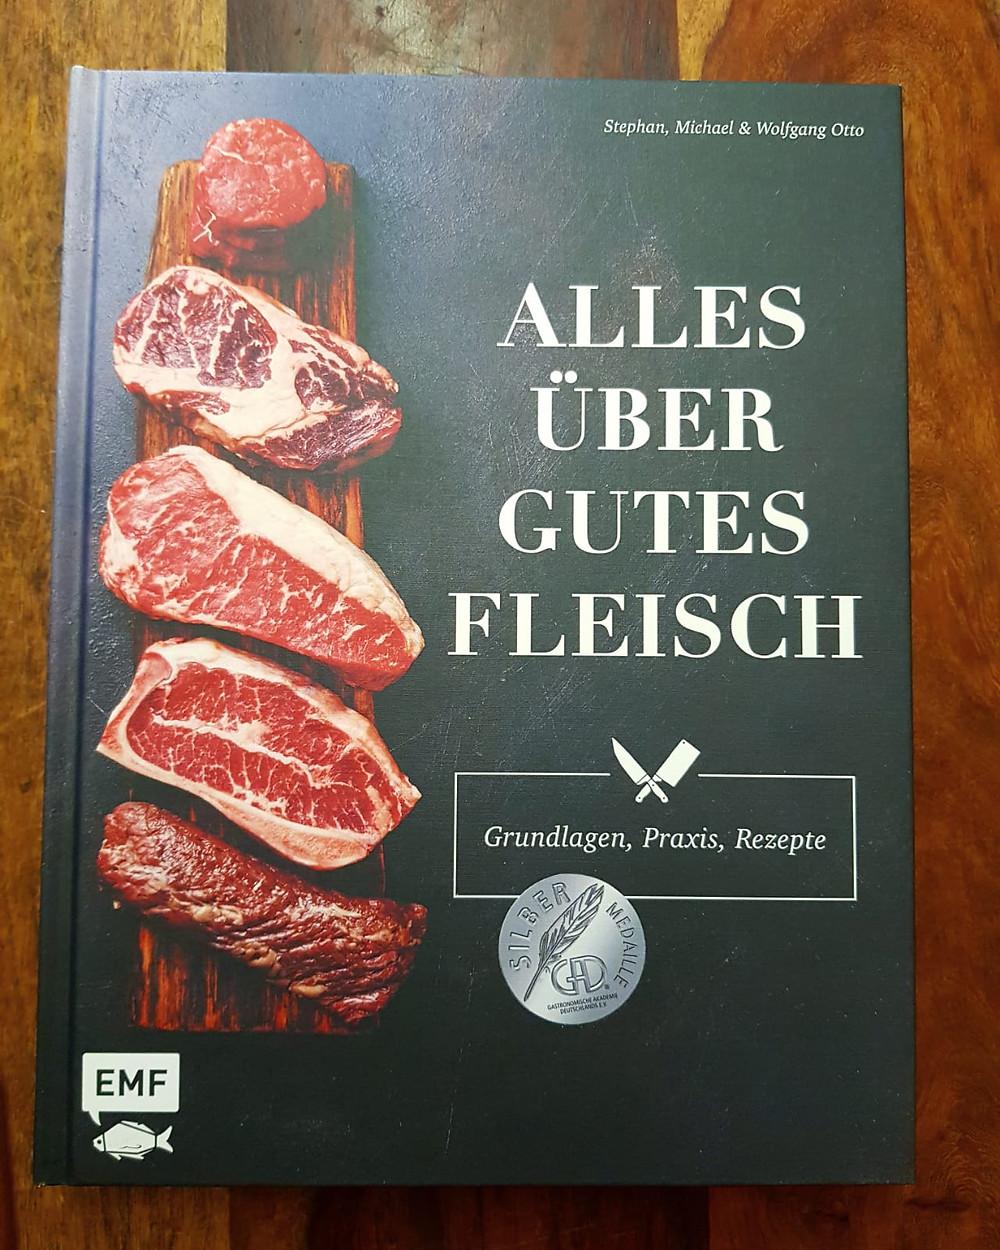 """""""Alles über gutes Fleisch"""" von Stefan, Michael und Wolfgang Otto"""